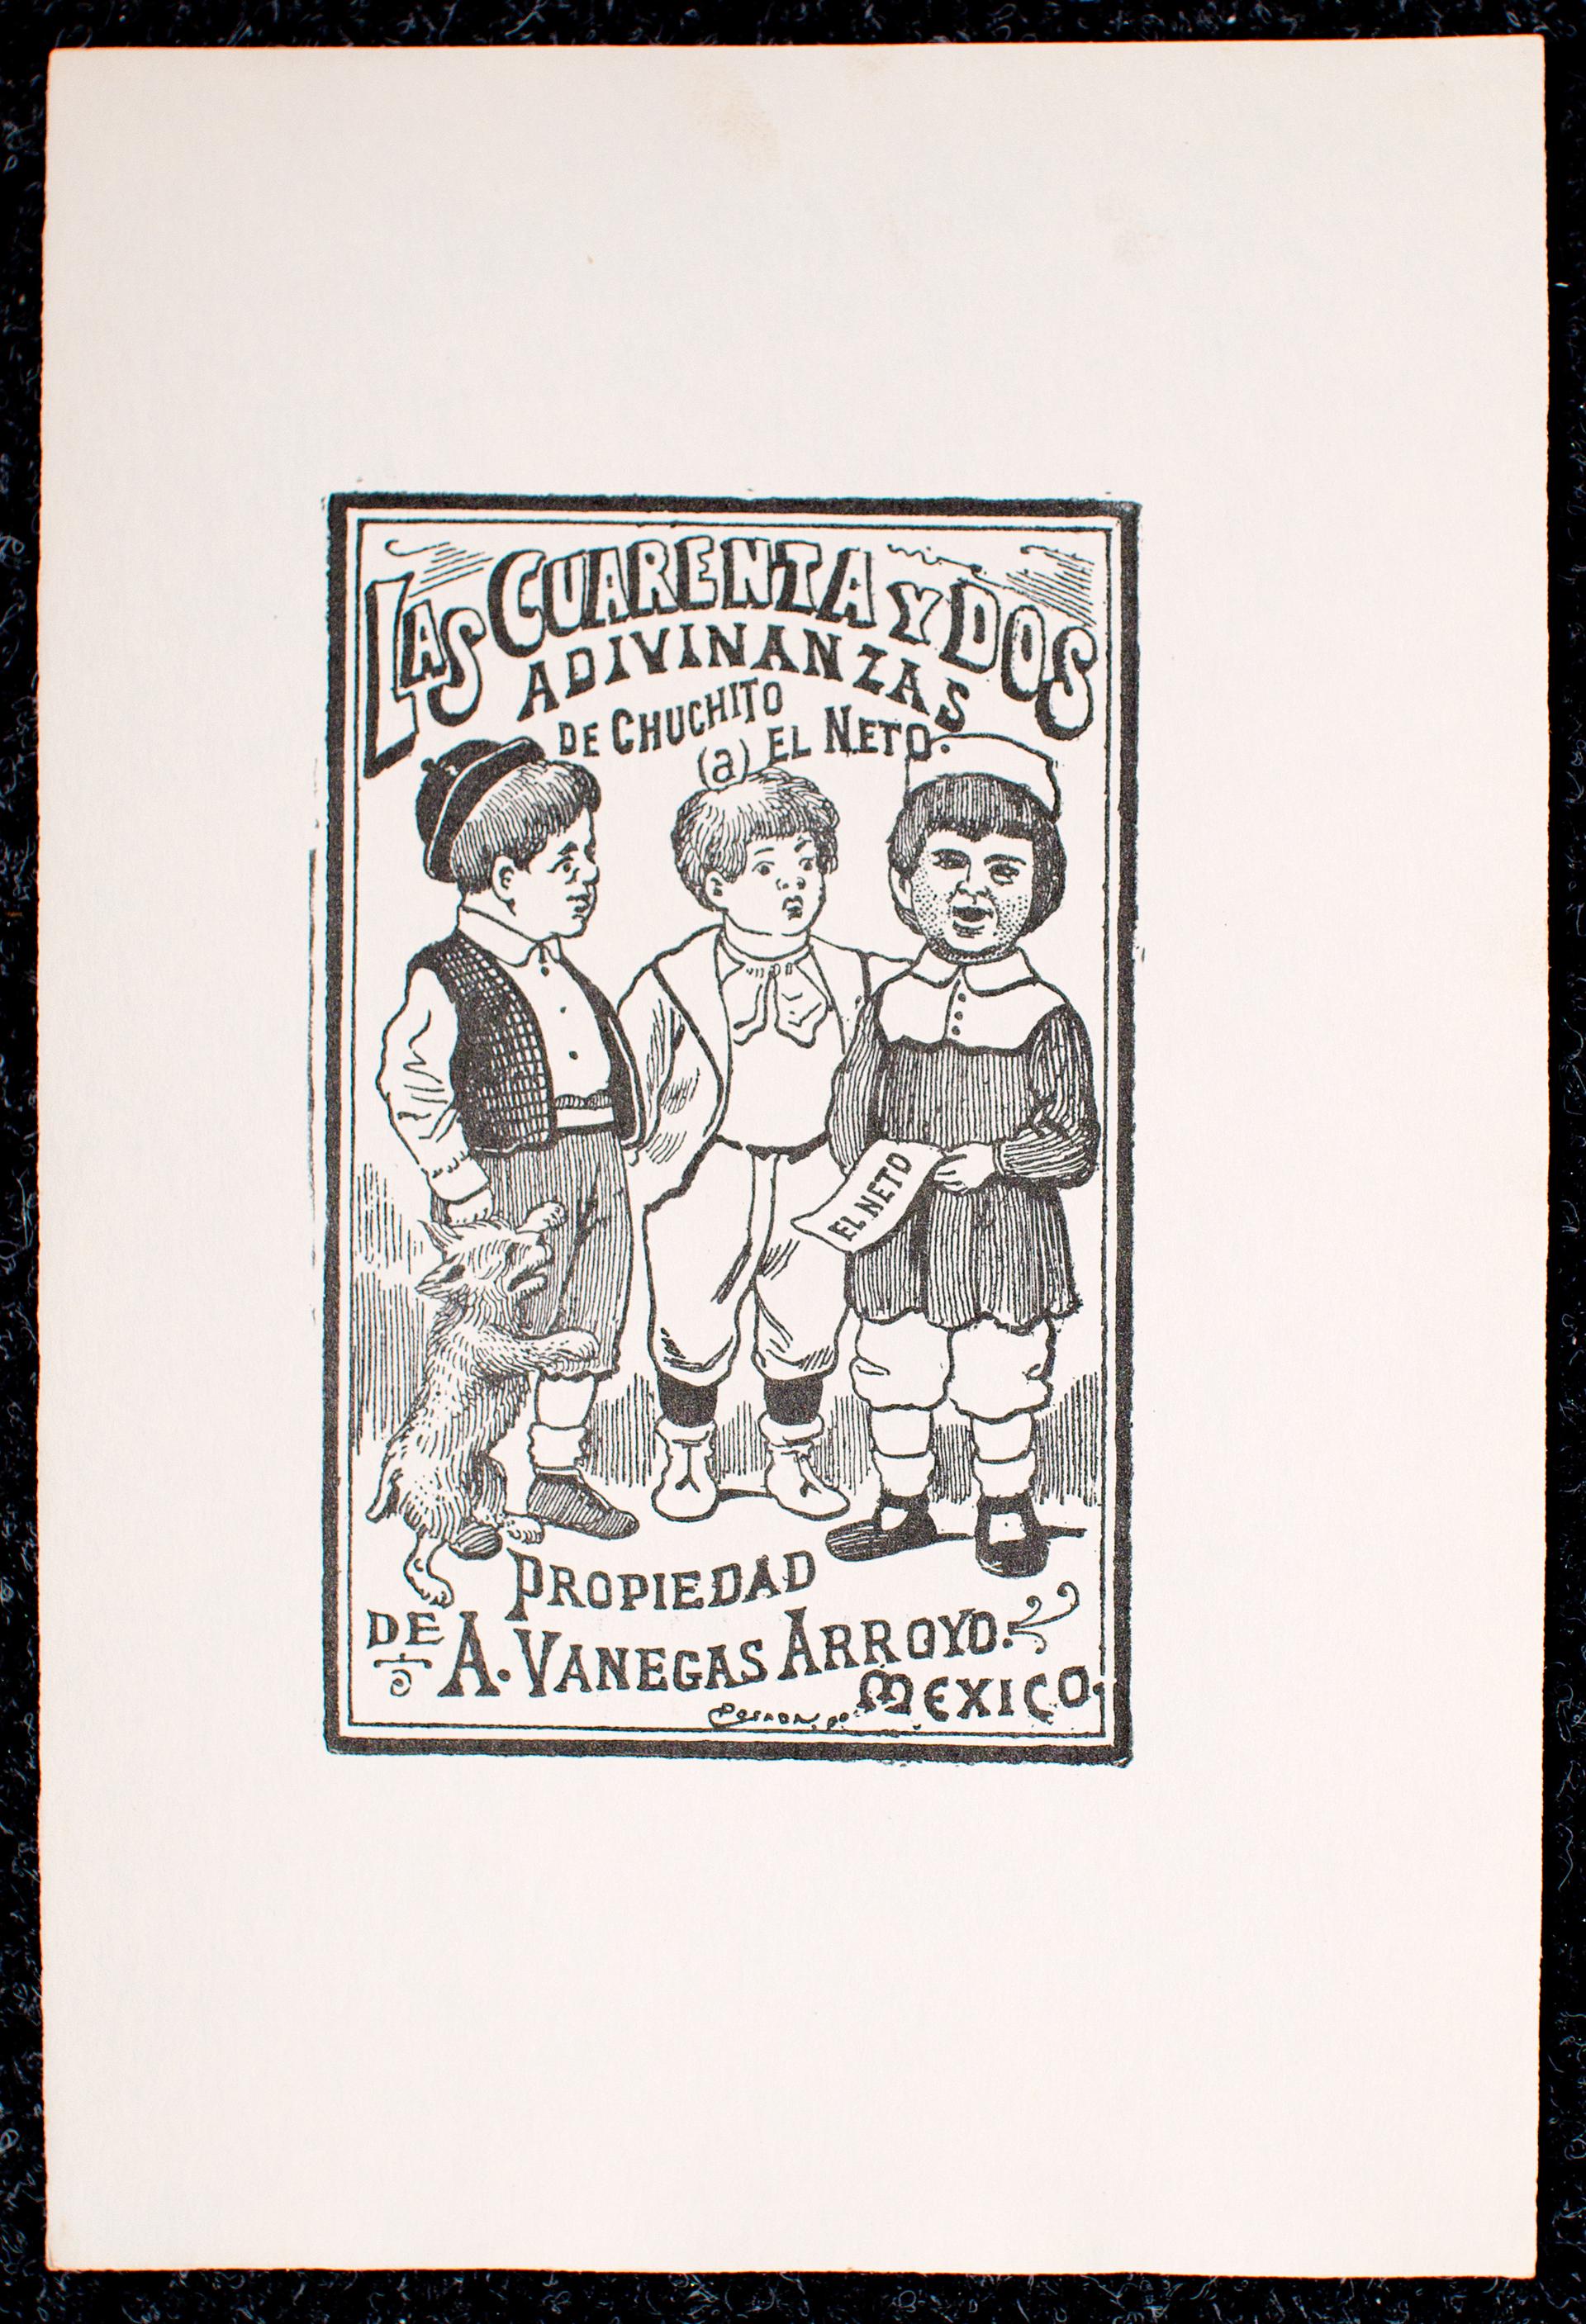 Las Cuarenta y Dos Adivinanzas by José Guadalupe Posada (1852 - 1913)